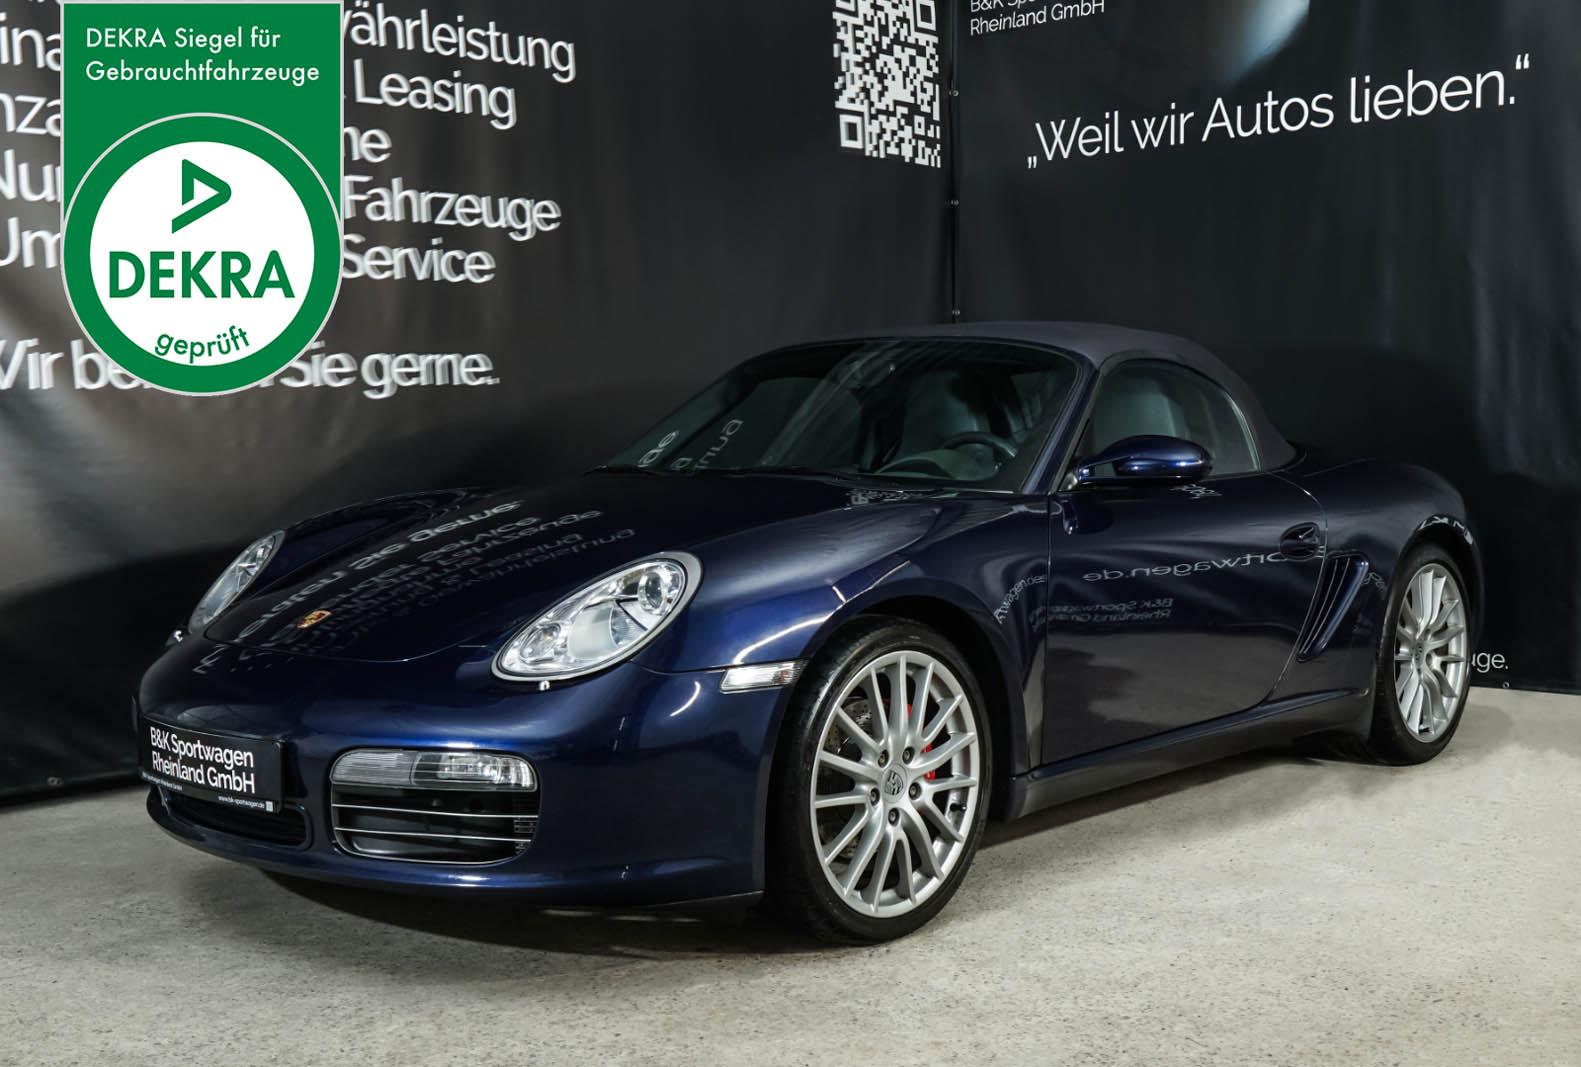 Porsche_Boxster_S_987_blau_grau_POR-4370 - dekra